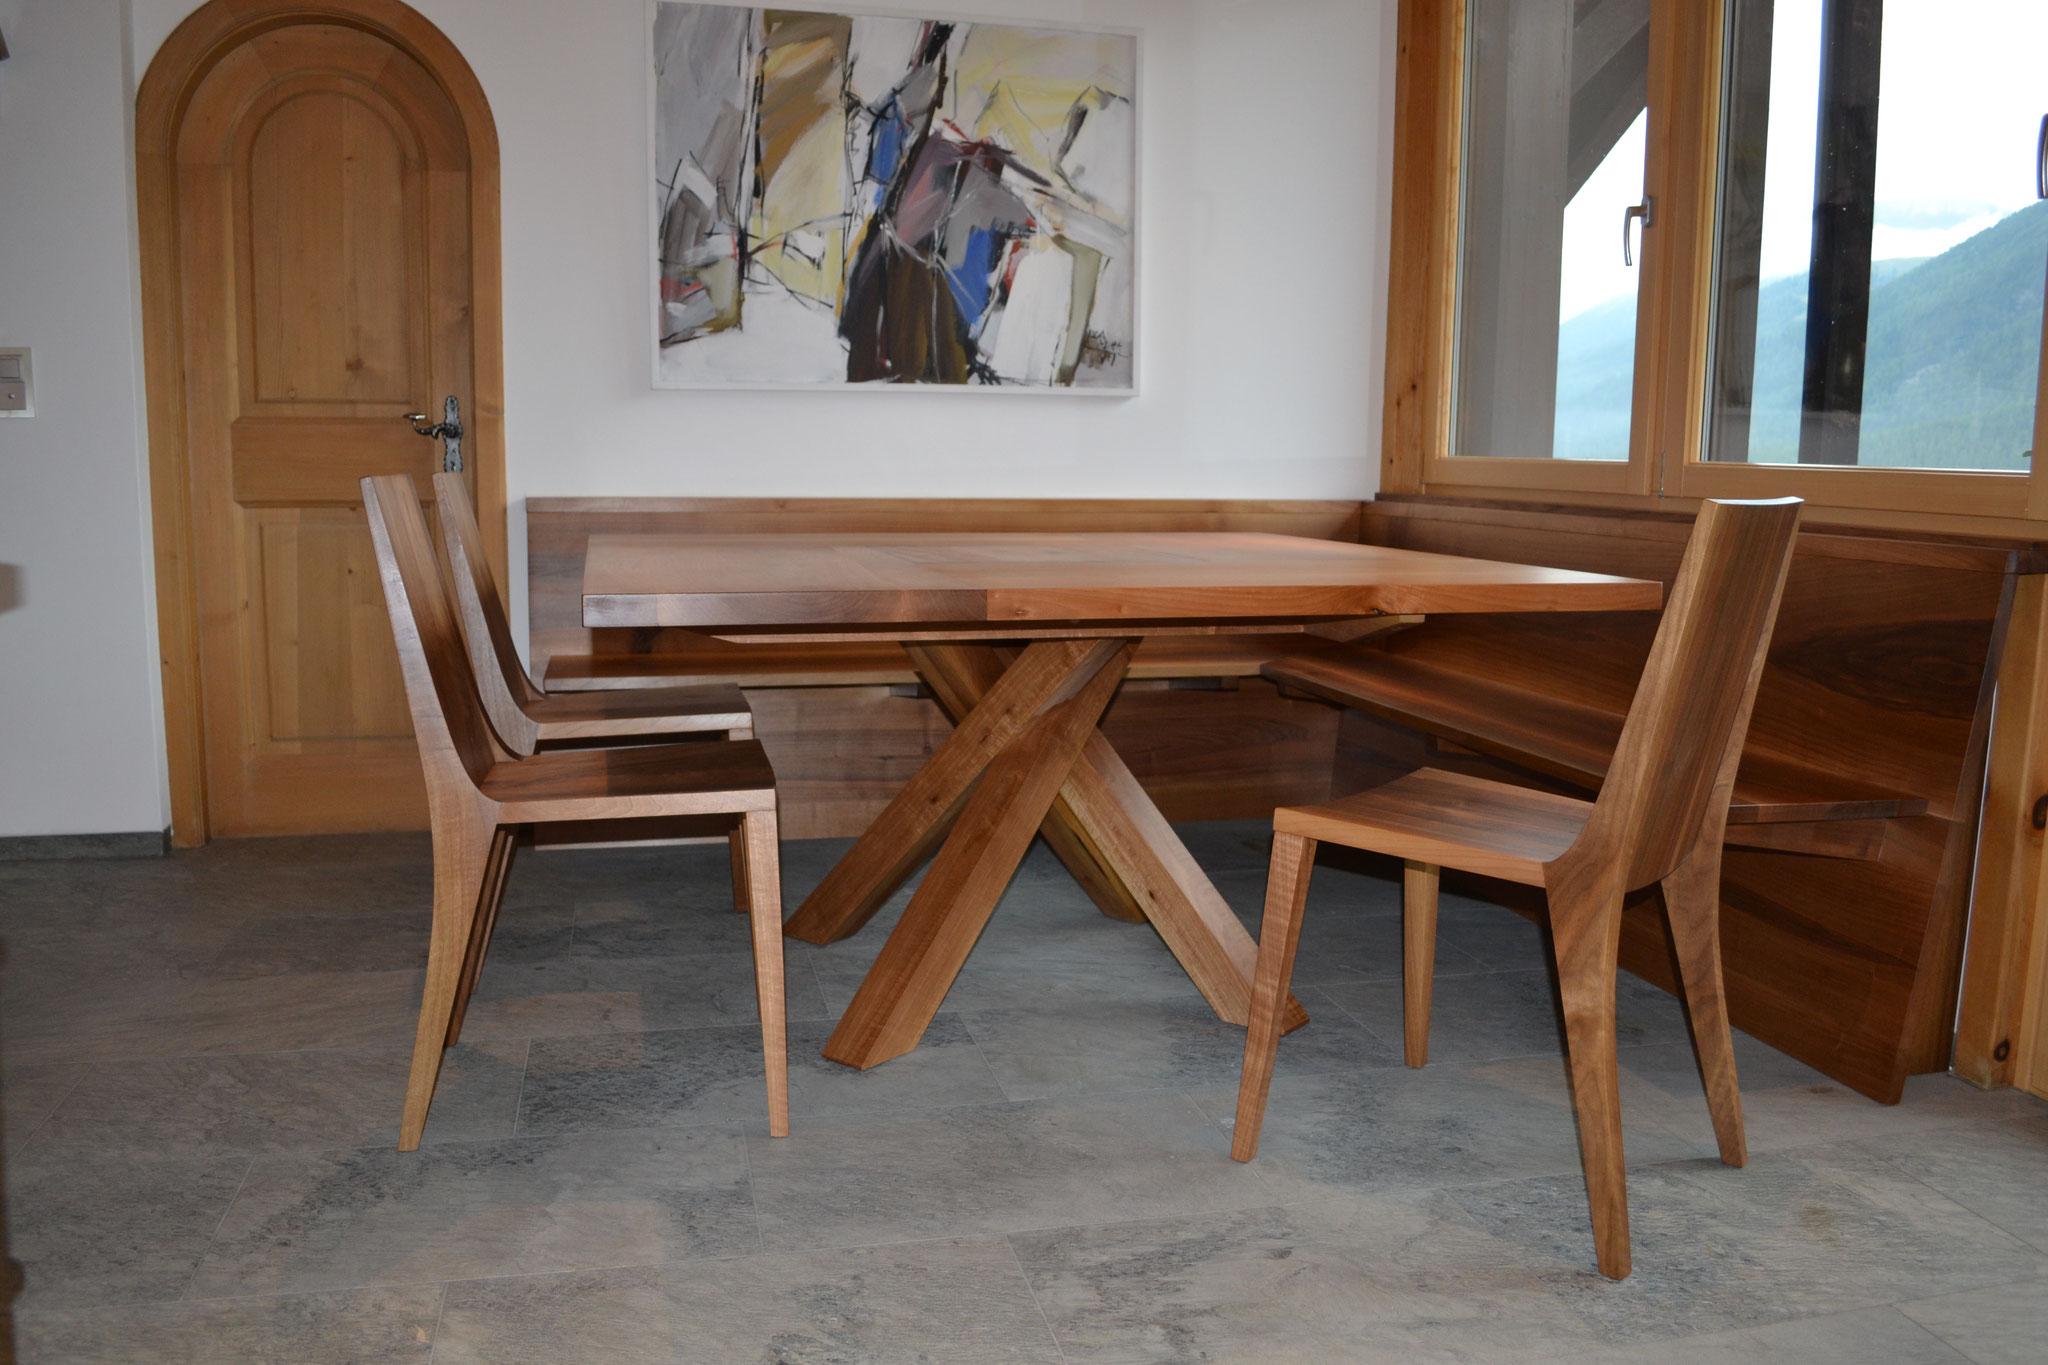 Tisch Twist und Stühle Nussbaum, Esstisch